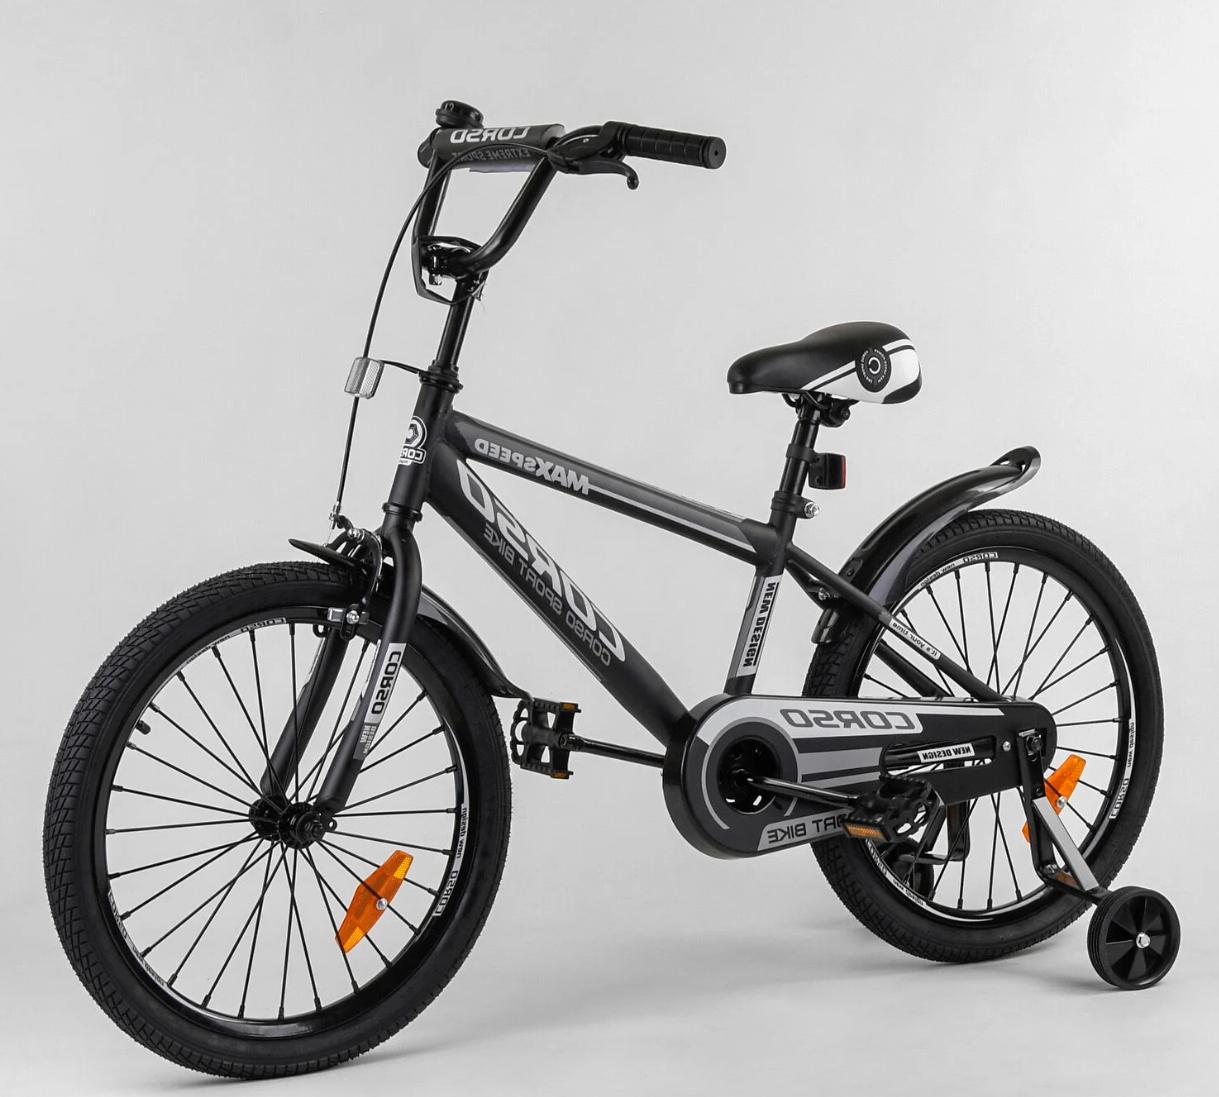 Дитячий велосипед, 20 дюймові колеса, сталеві диски з посиленою спицею, сталева рама, Corso ST-20363